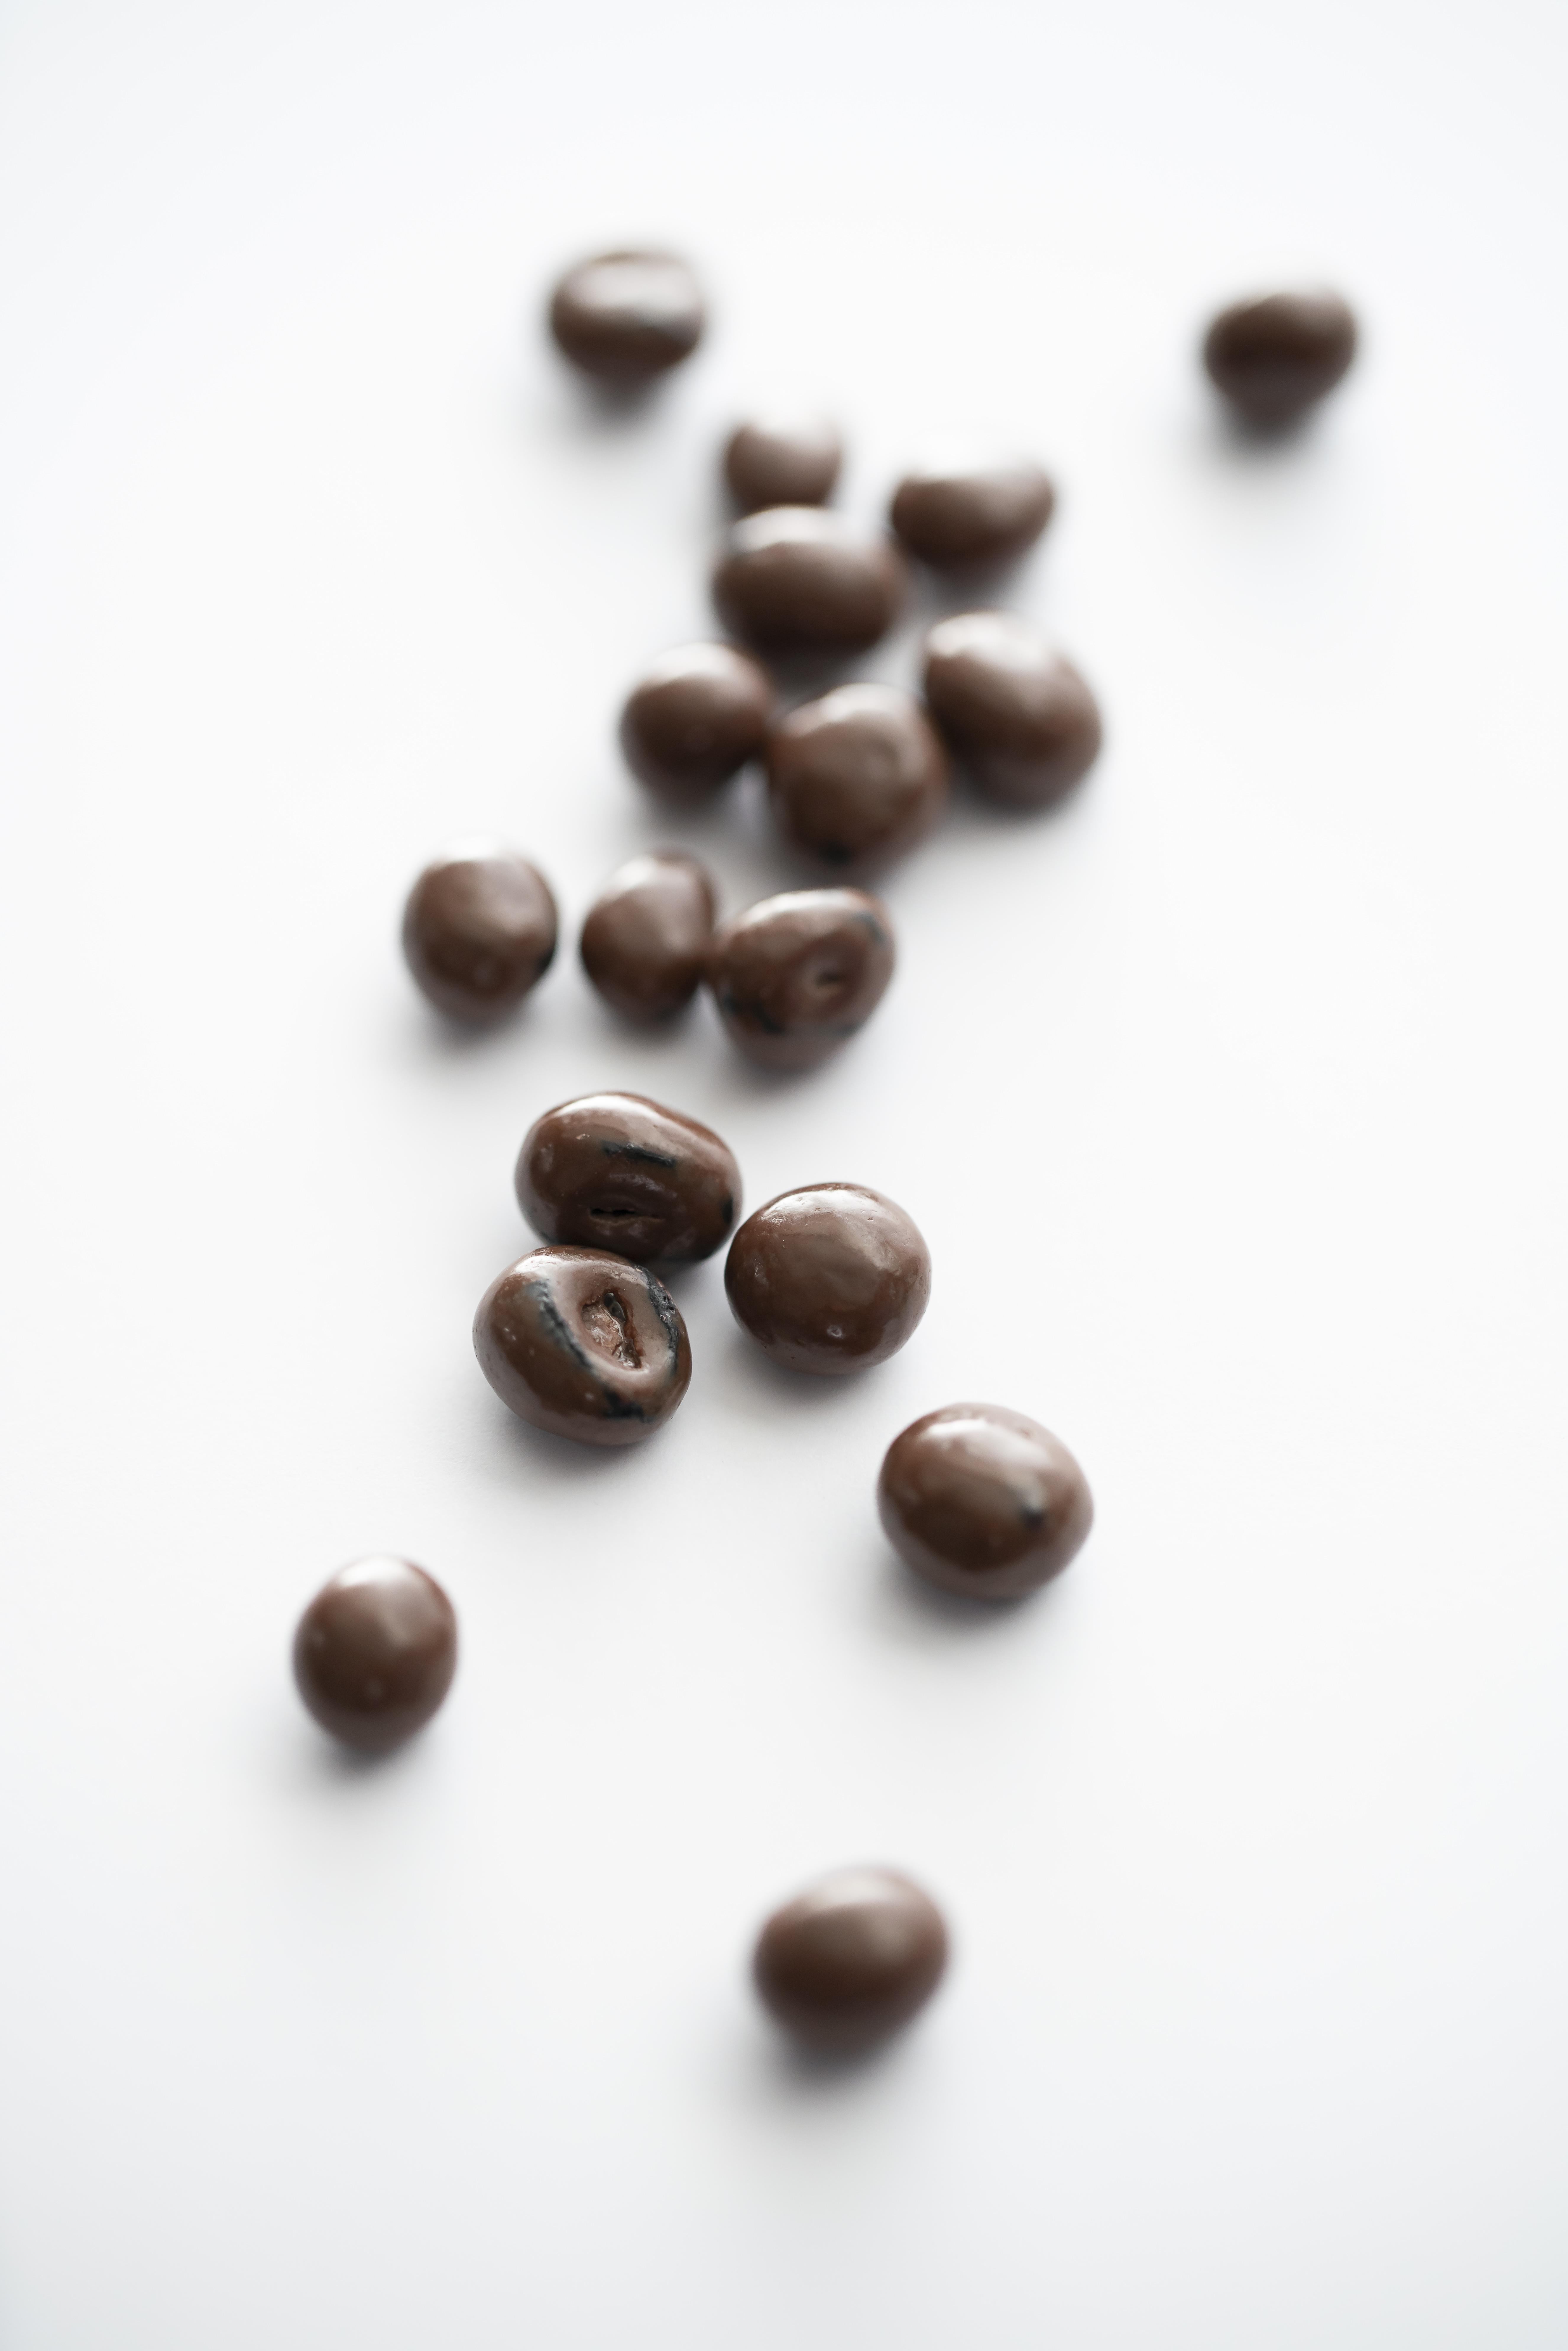 Cassis enrobés de chocolat belge Supersec, fruit séché bio